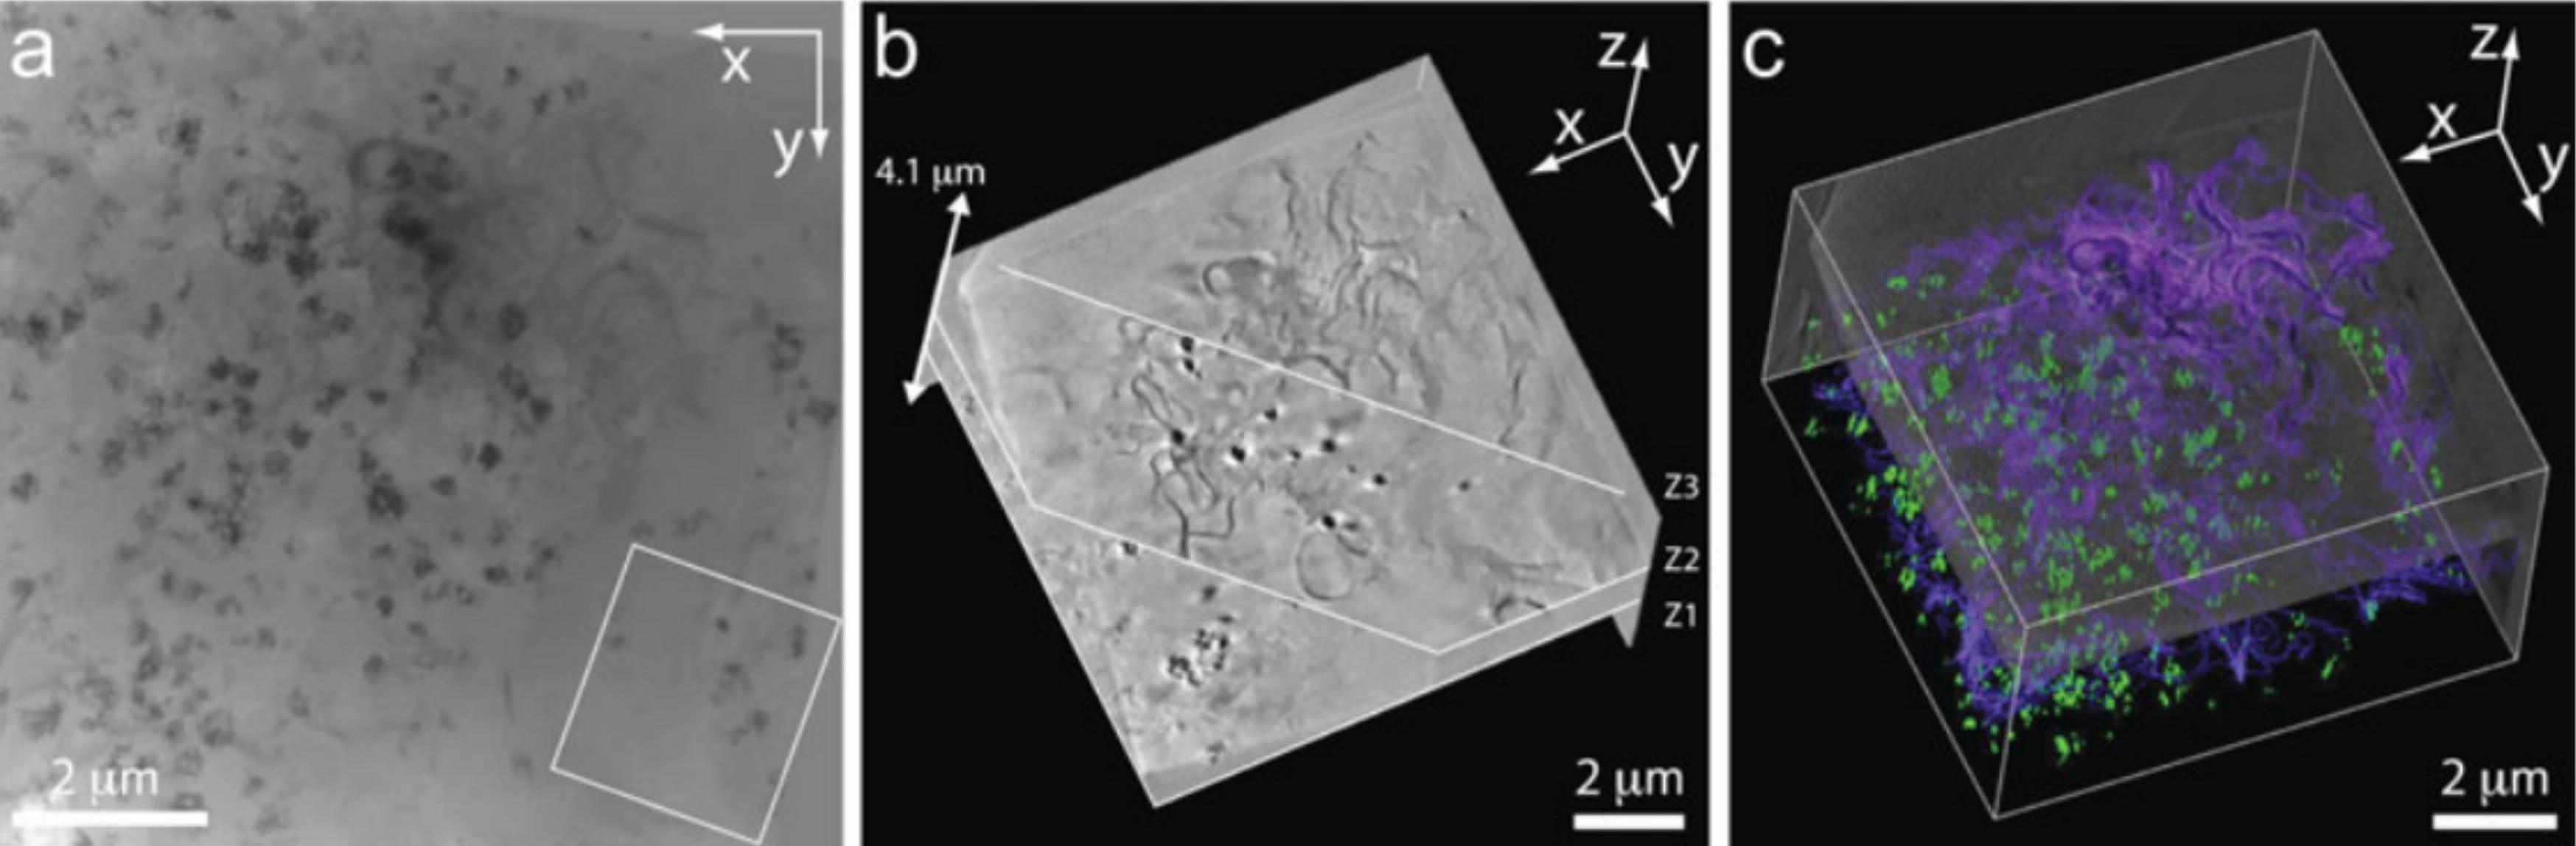 Tomogramm_makrophage_cell